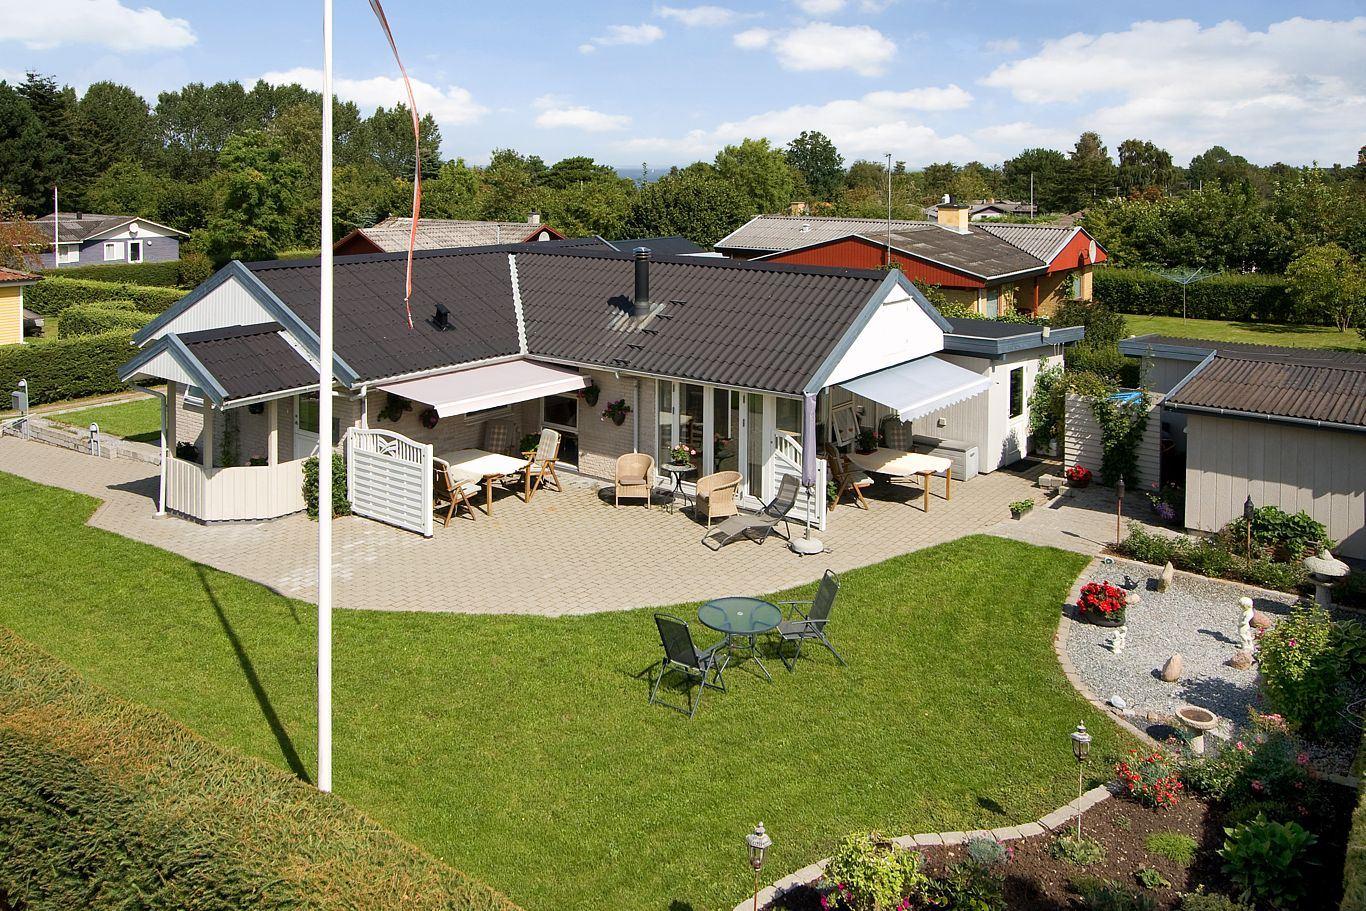 Torskekrogen 6, 6430 Nordborg